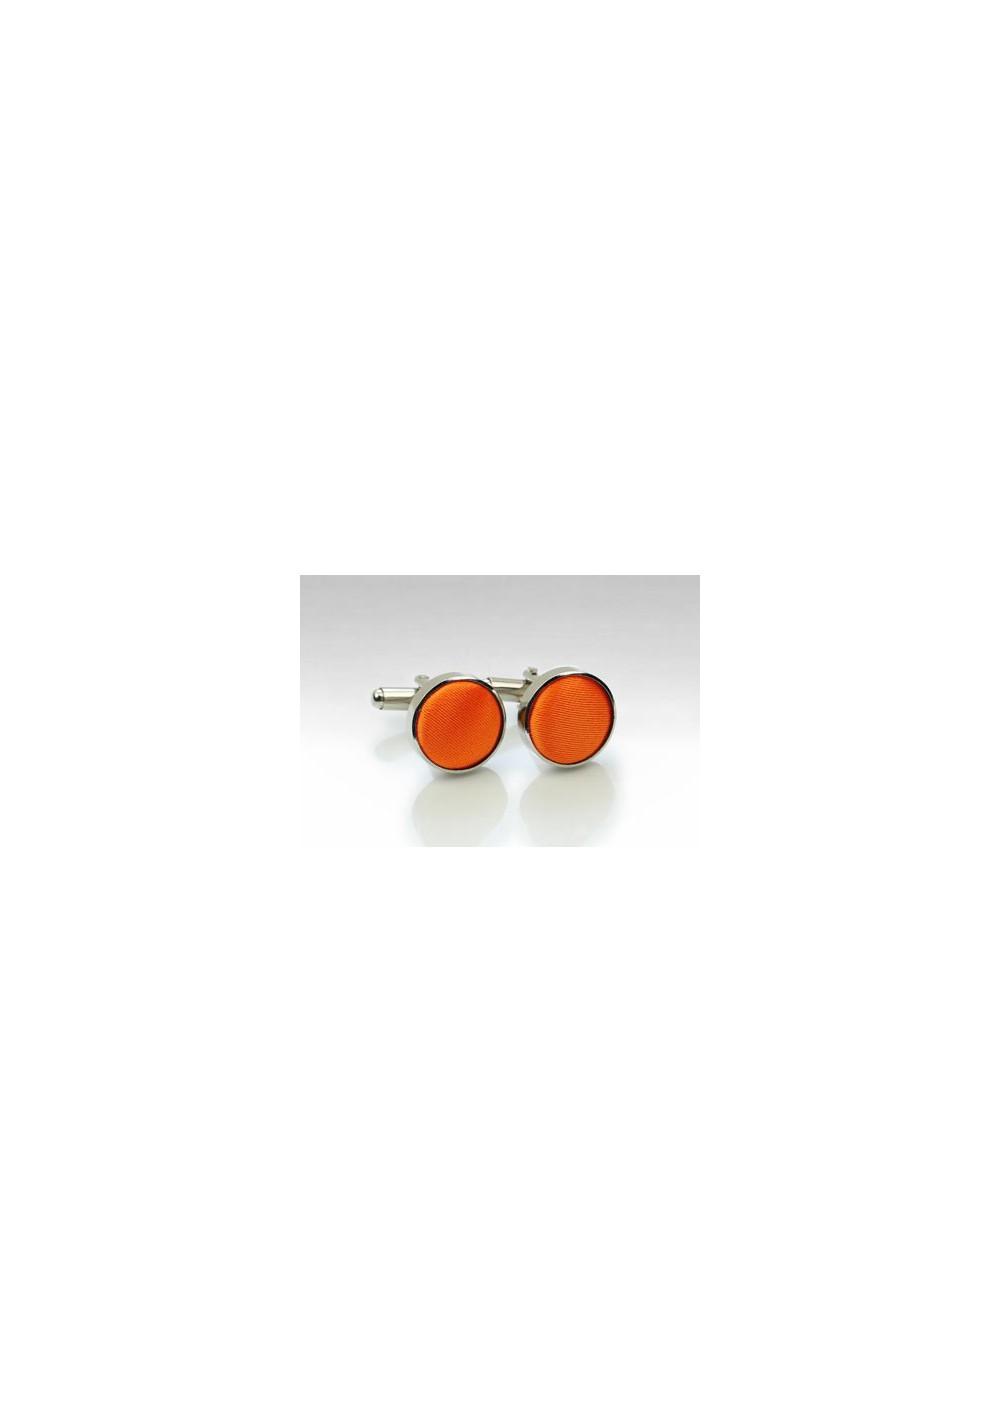 Bright Orange Cufflinks